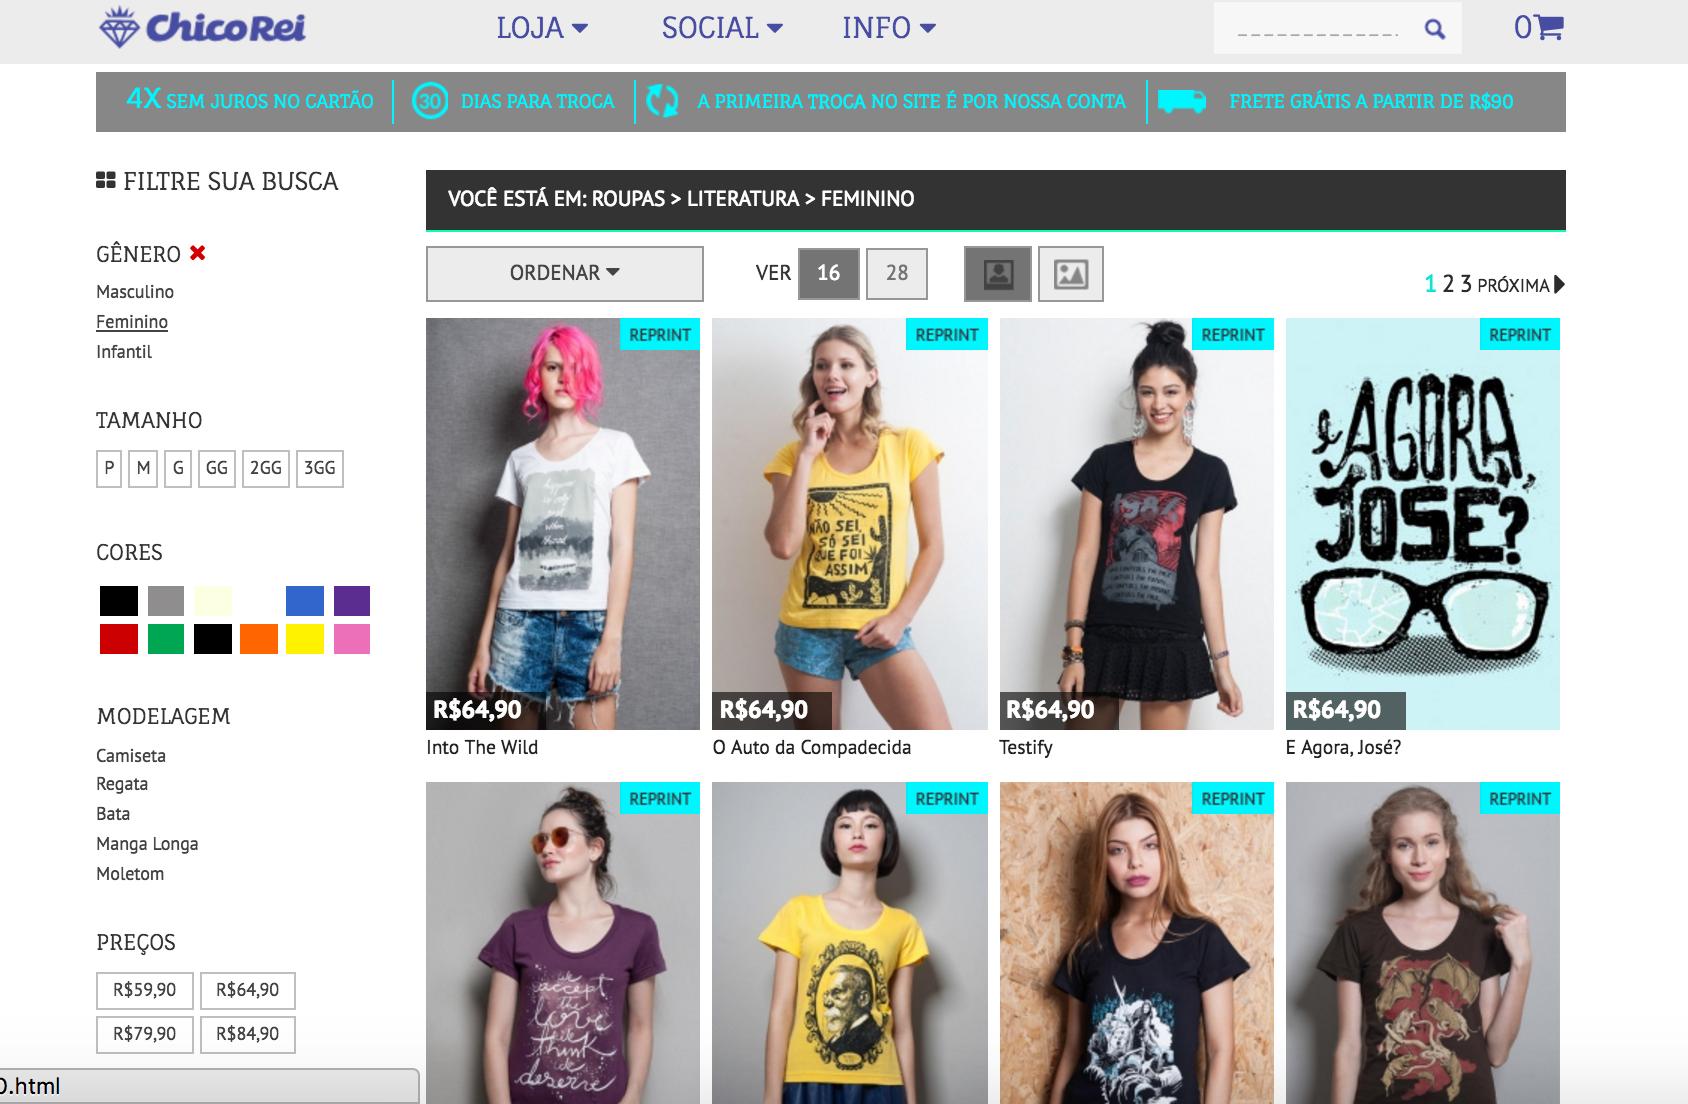 3 lojas online para comprar camisetas literárias